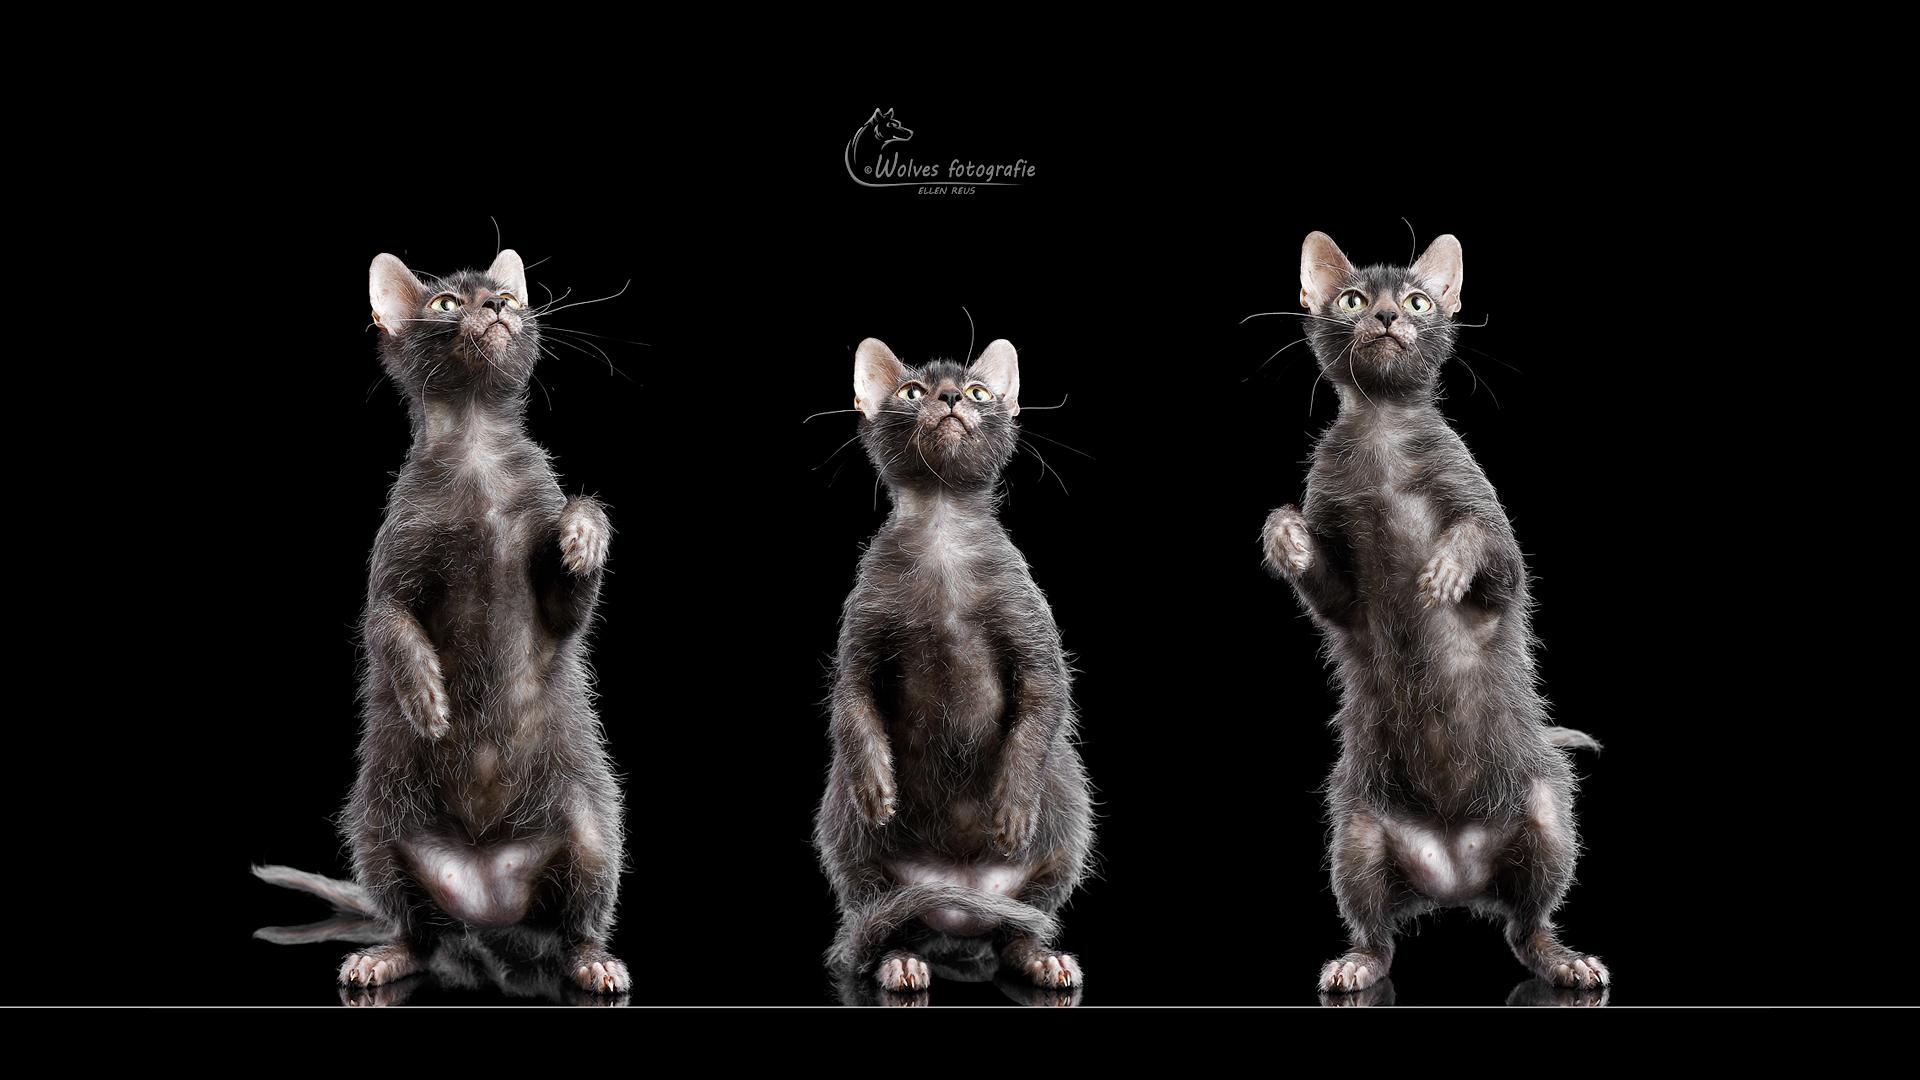 Neorah - Lykoi - Weerwolfkat - Kattenfotografie - Dierfotografie - Door: Ellen Reus - Wolves fotografie